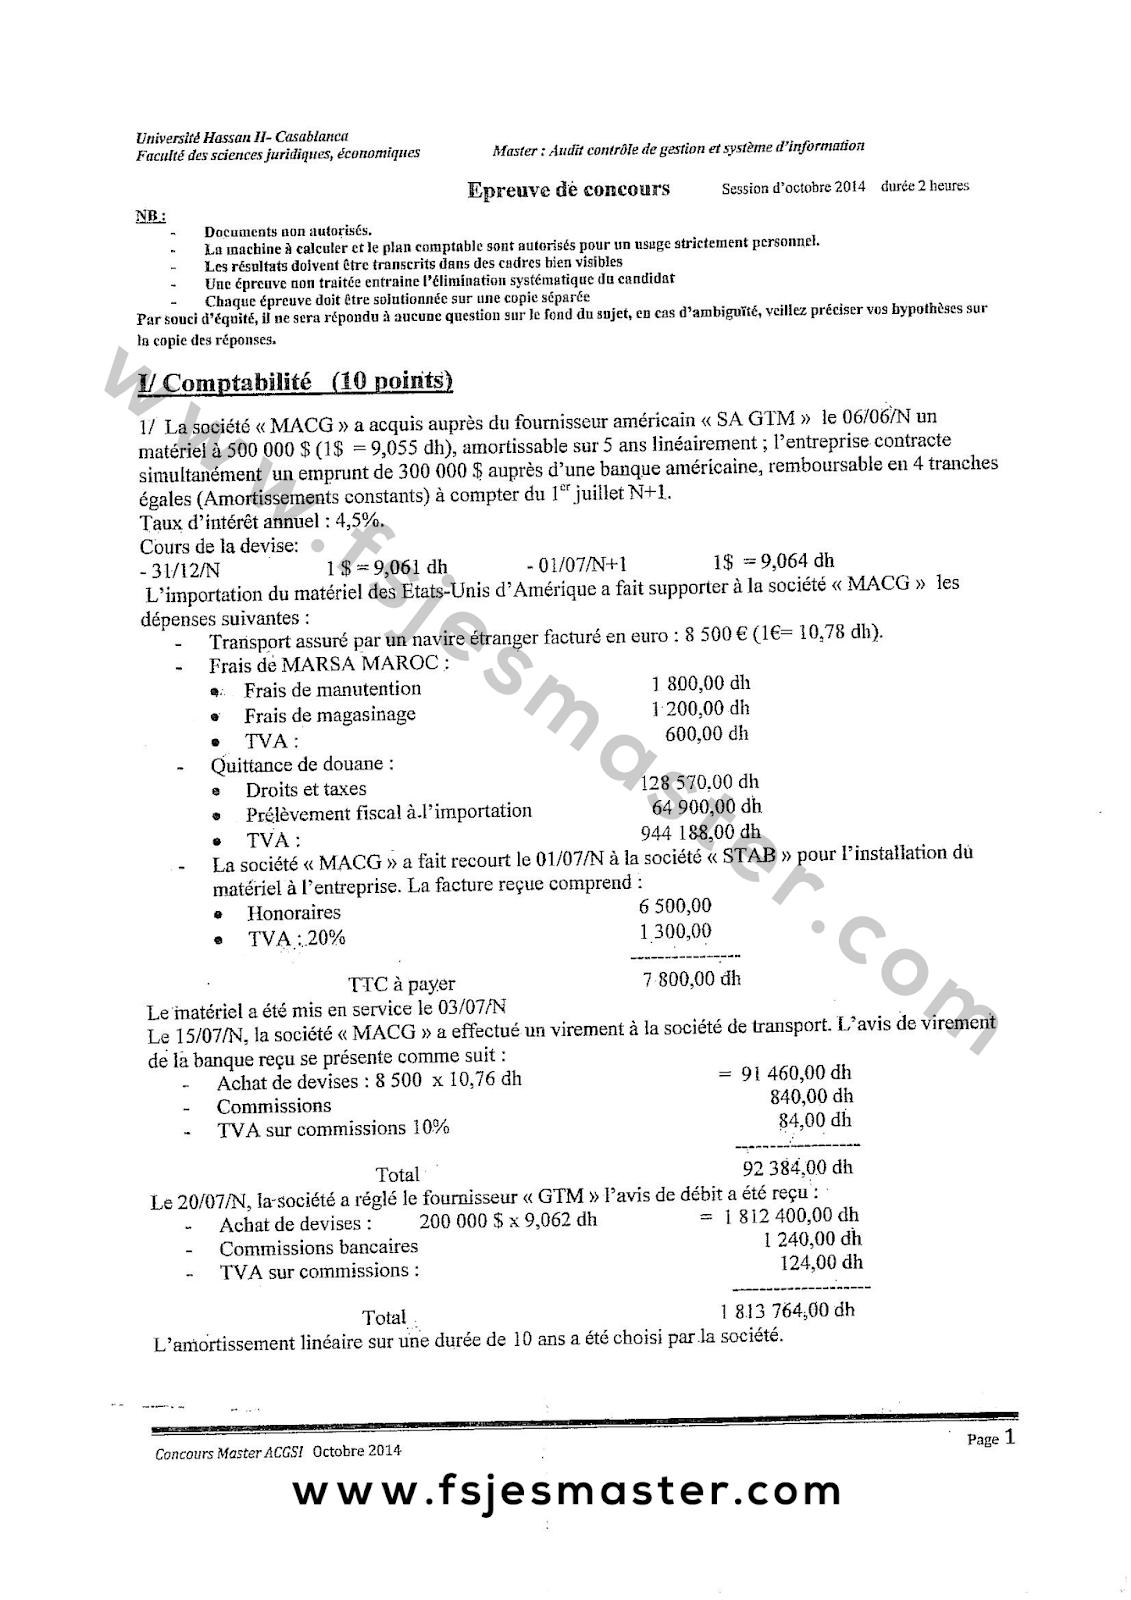 Exemple Concours Master Audit Contrôle de Gestion et Système d'Information (ACGSI) 2014-2015 - Fsjes Ain Chock